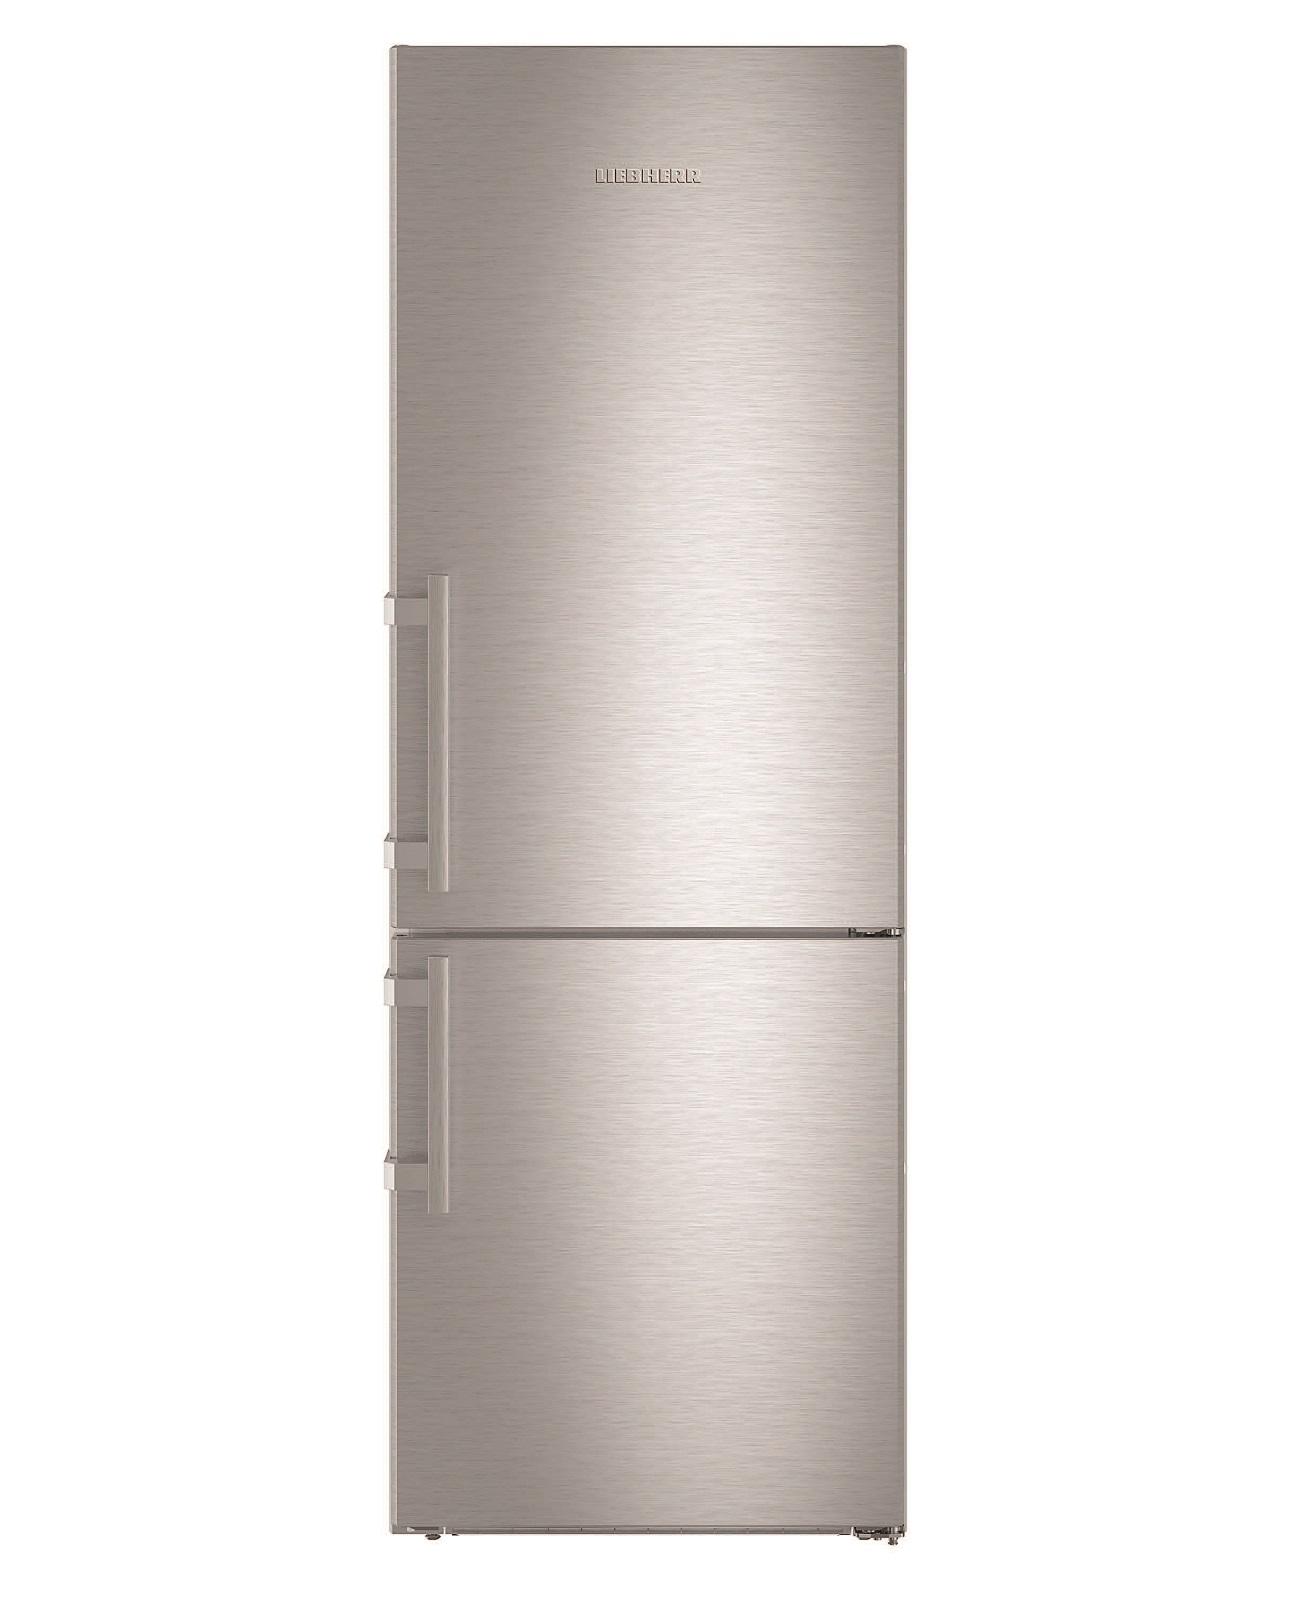 купить Двухкамерный холодильник Liebherr CNef 5735 Украина фото 6